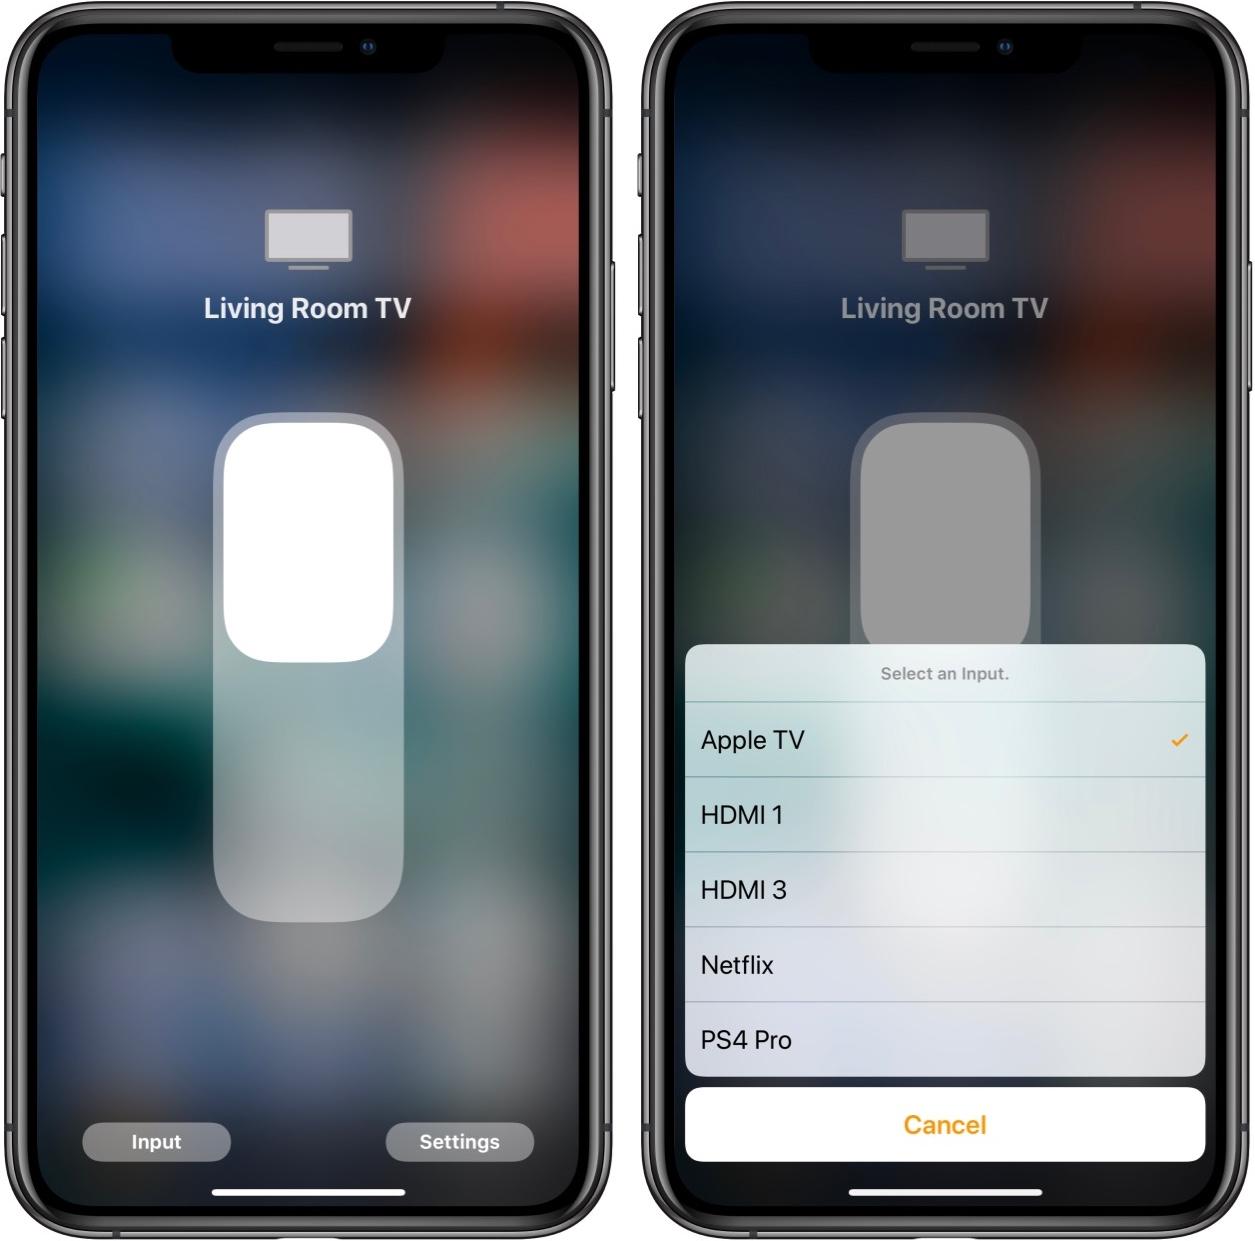 iOS 11.2 remote TV